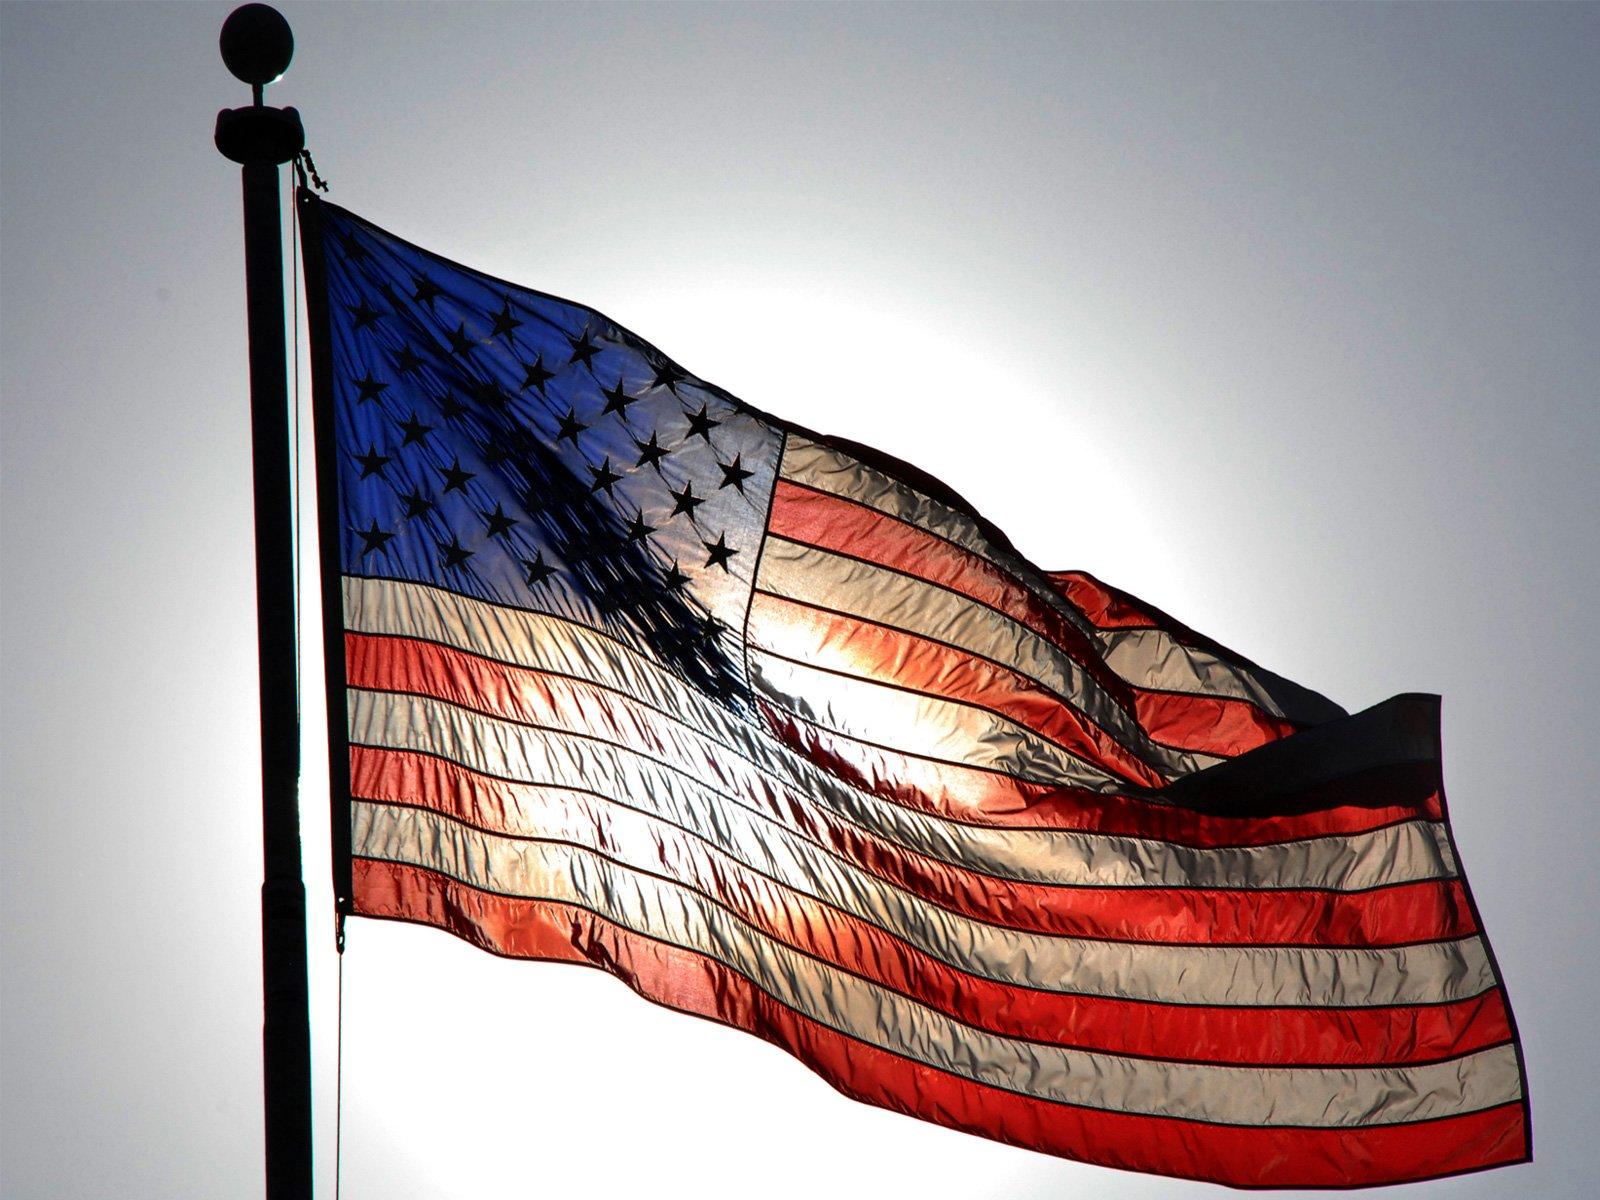 Hd patriotic wallpaper wallpapersafari - American flag hd ...